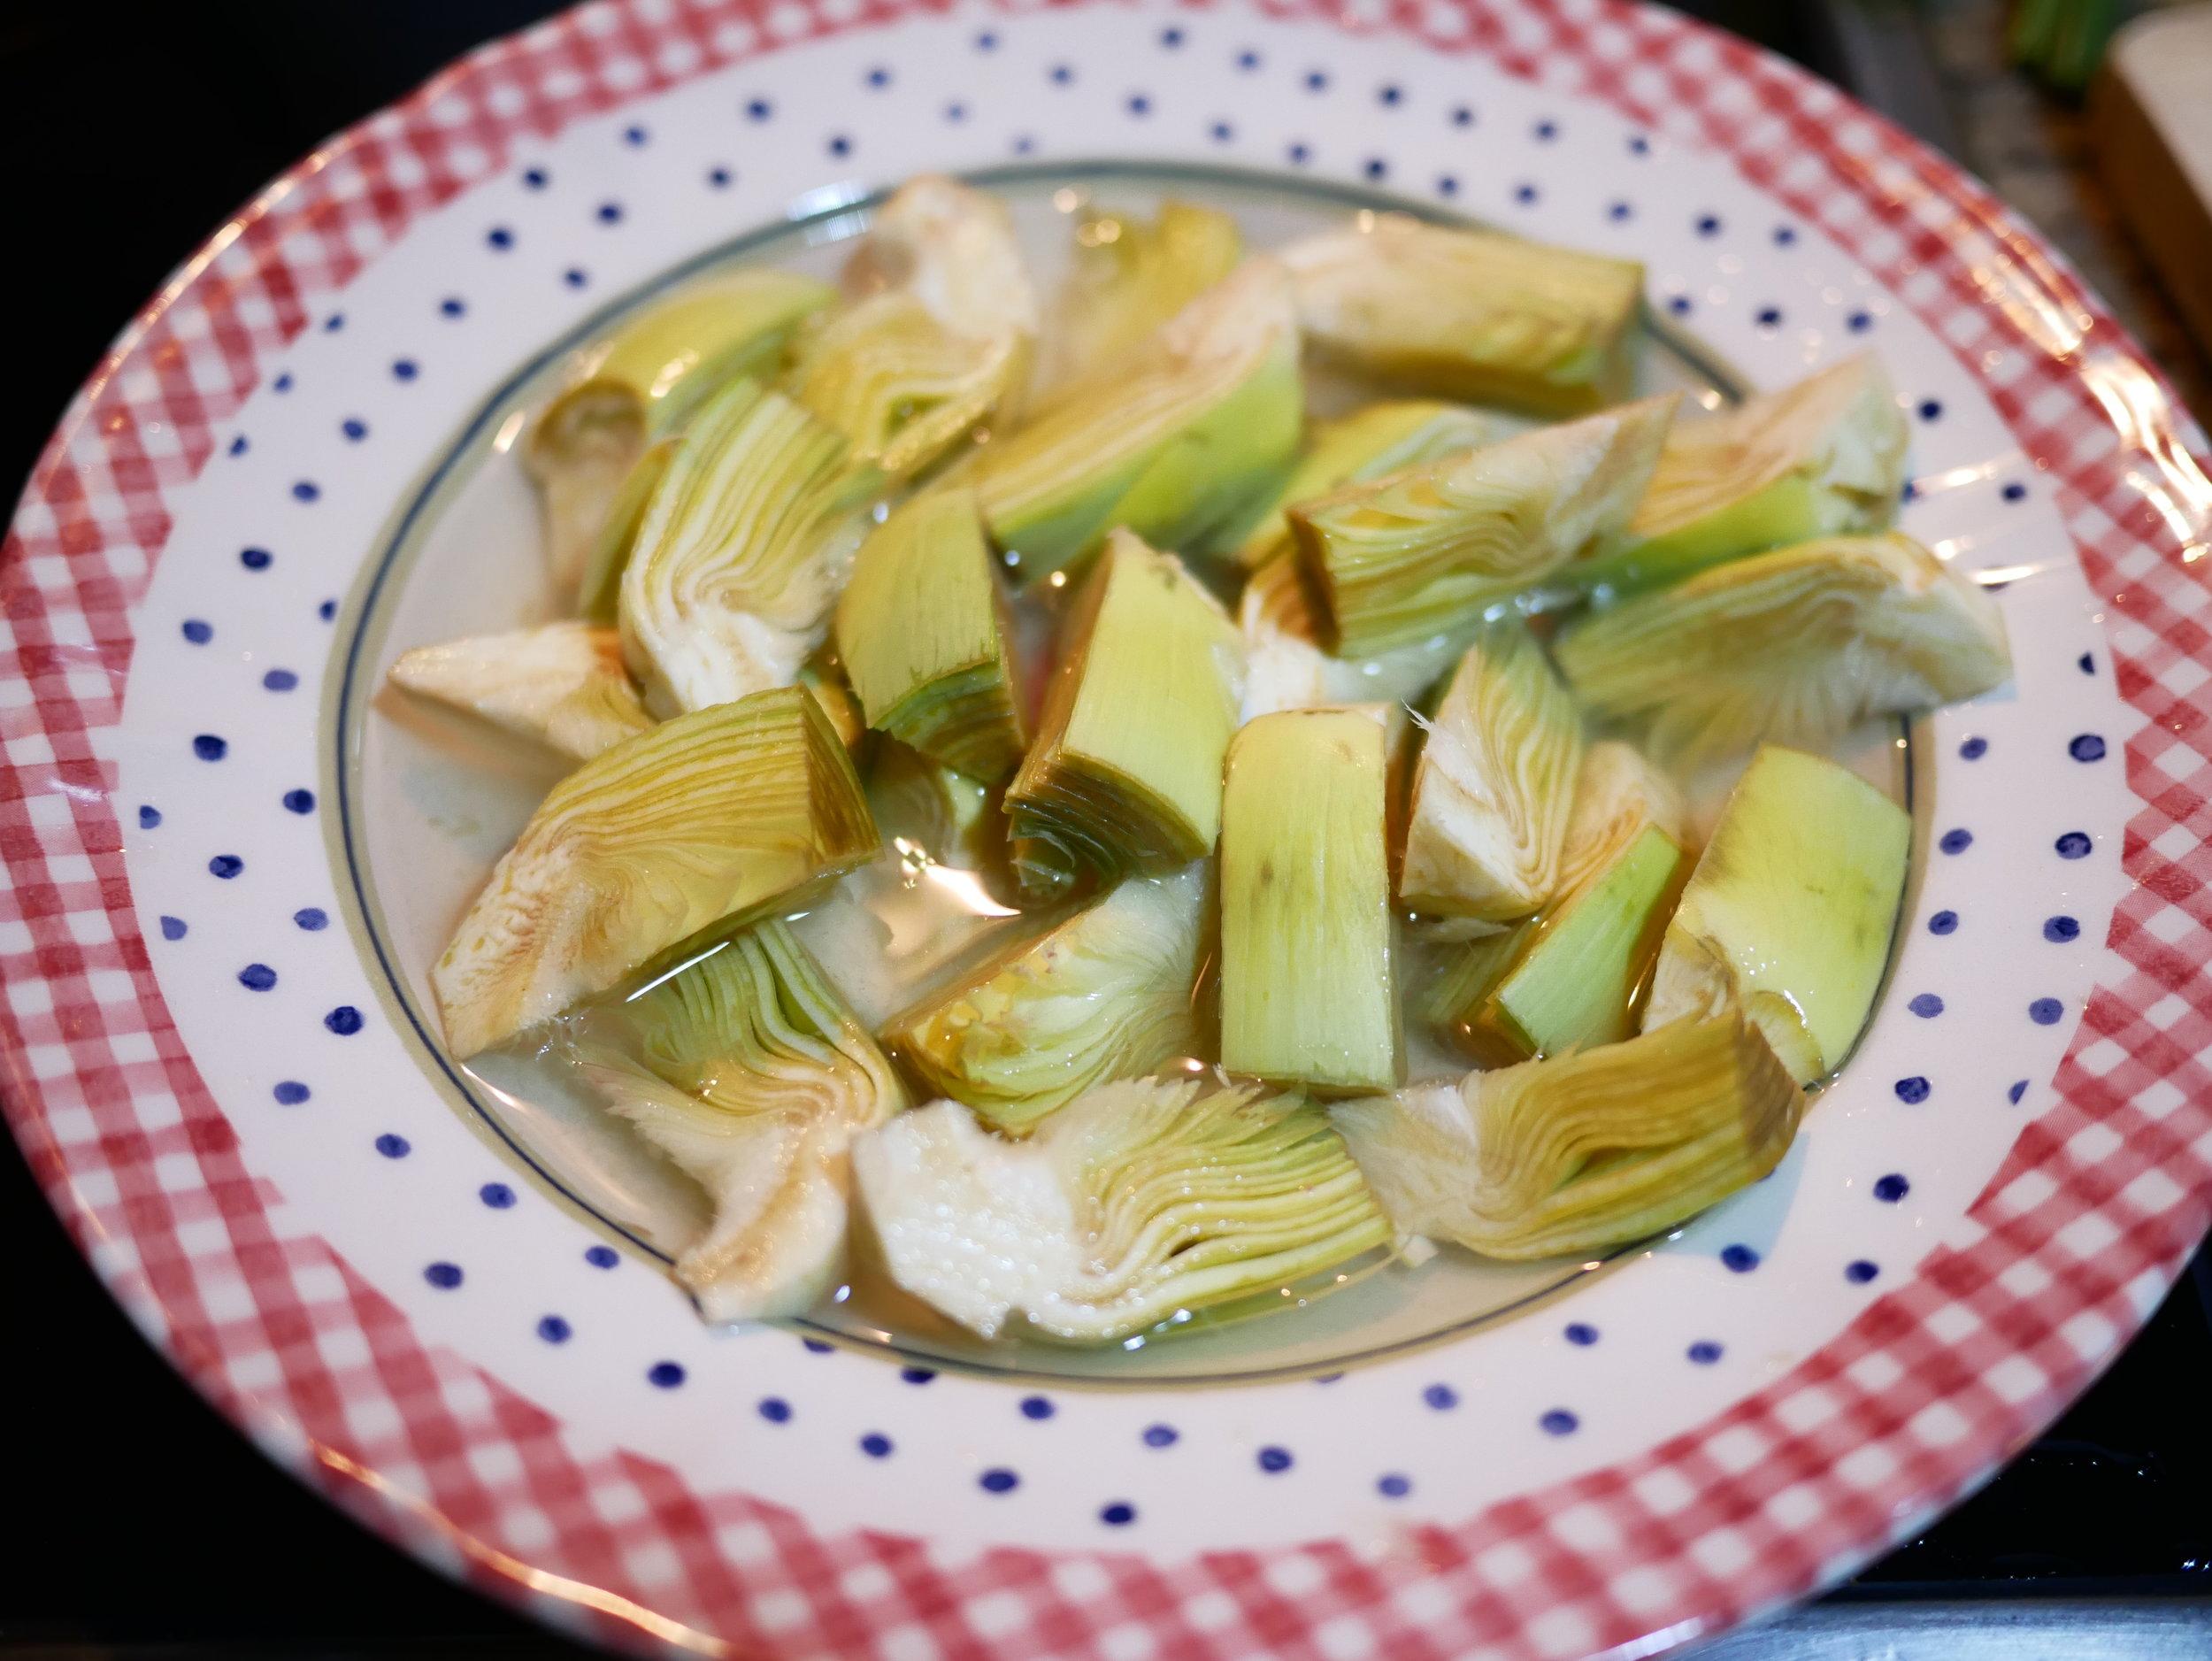 Spring paella artichokes